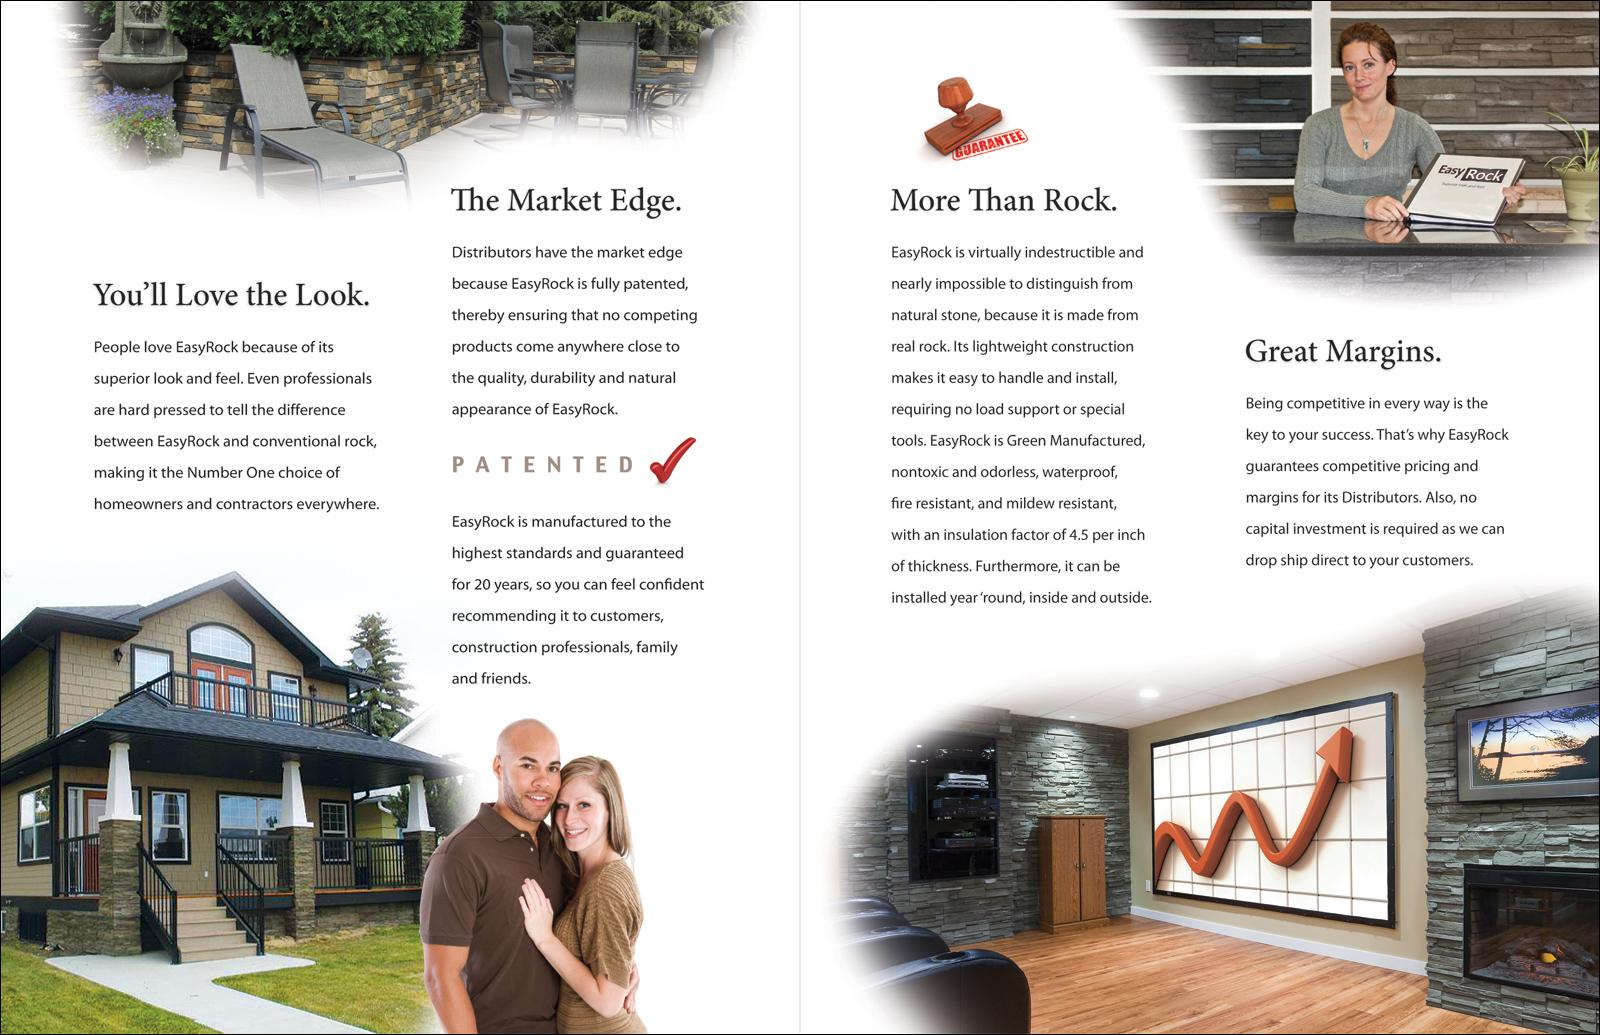 EasyRock-Distributor-brochure2.jpg